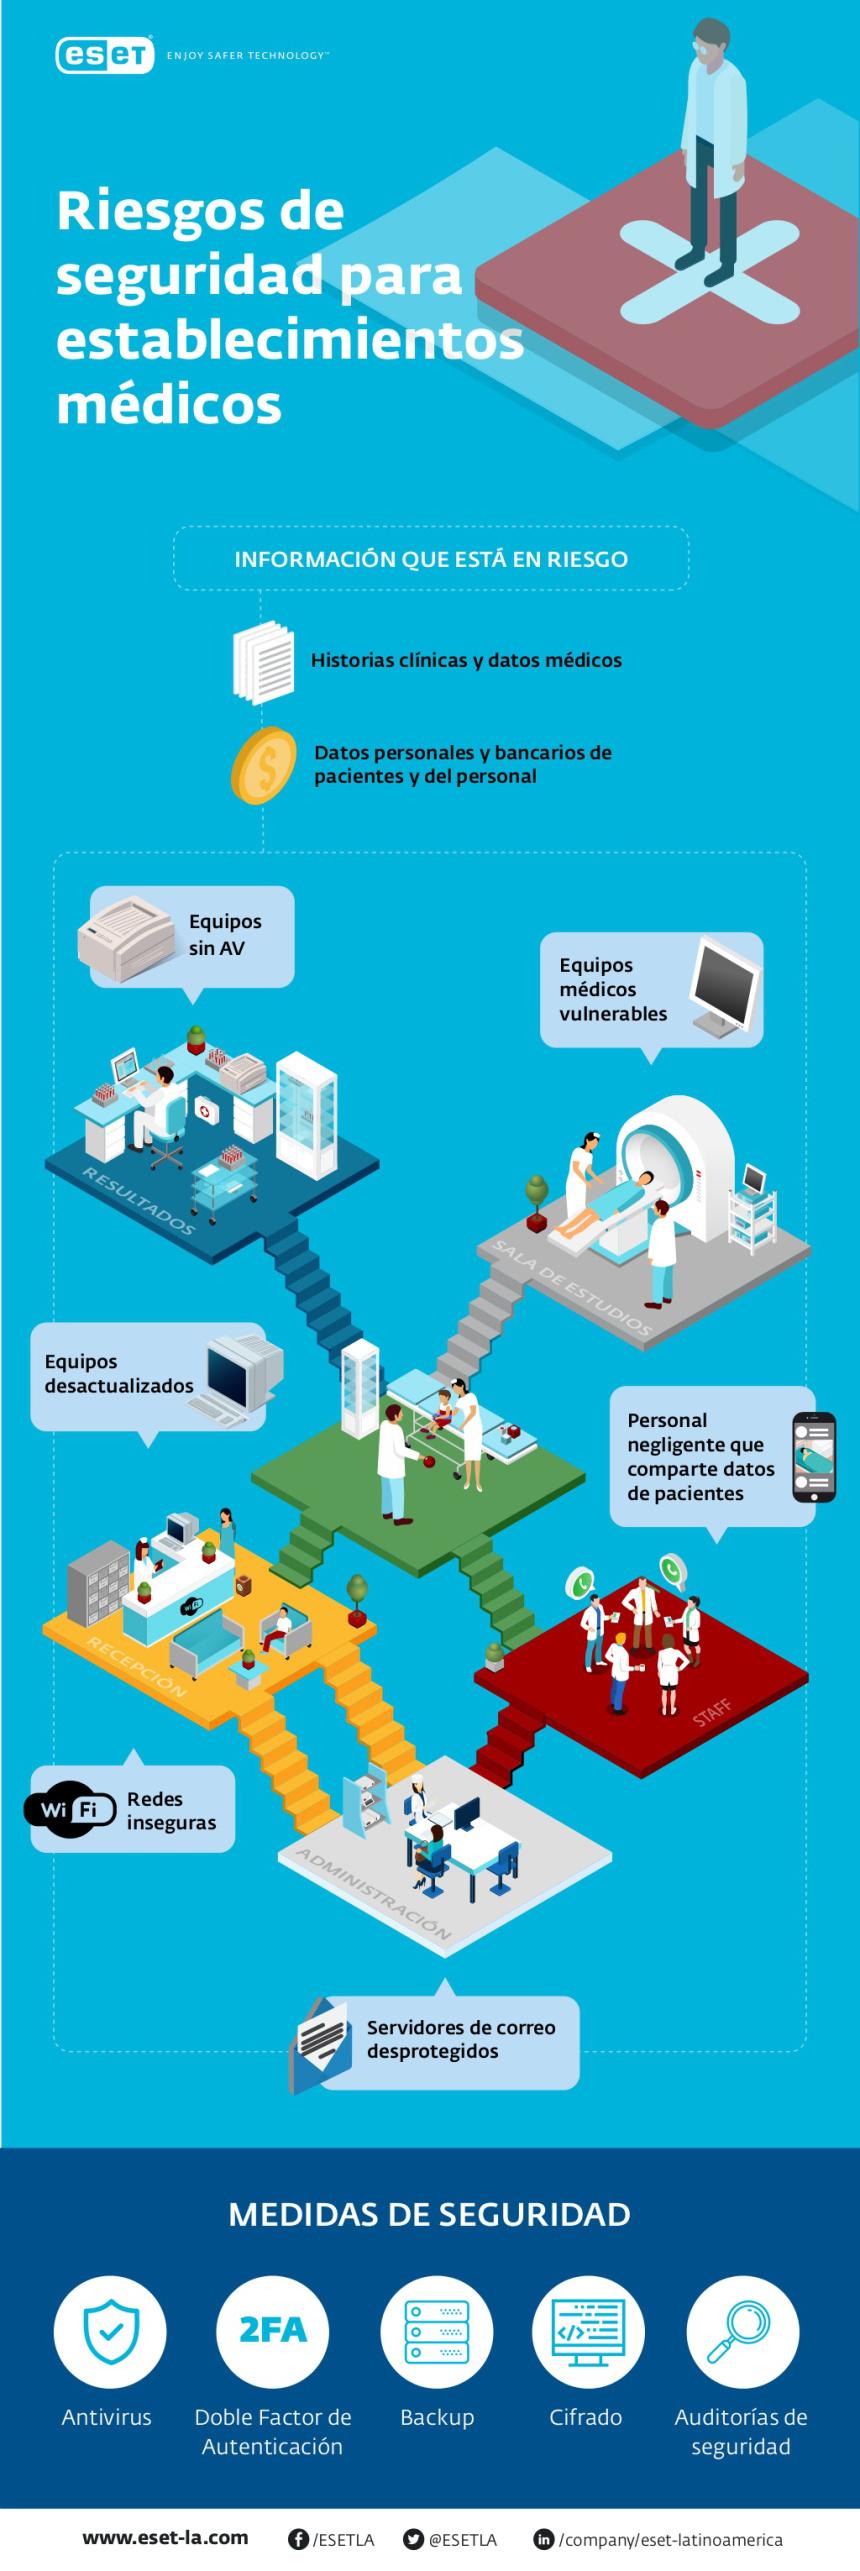 Riesgos de seguridad digital para establecimientos médicos #infografia #infographic